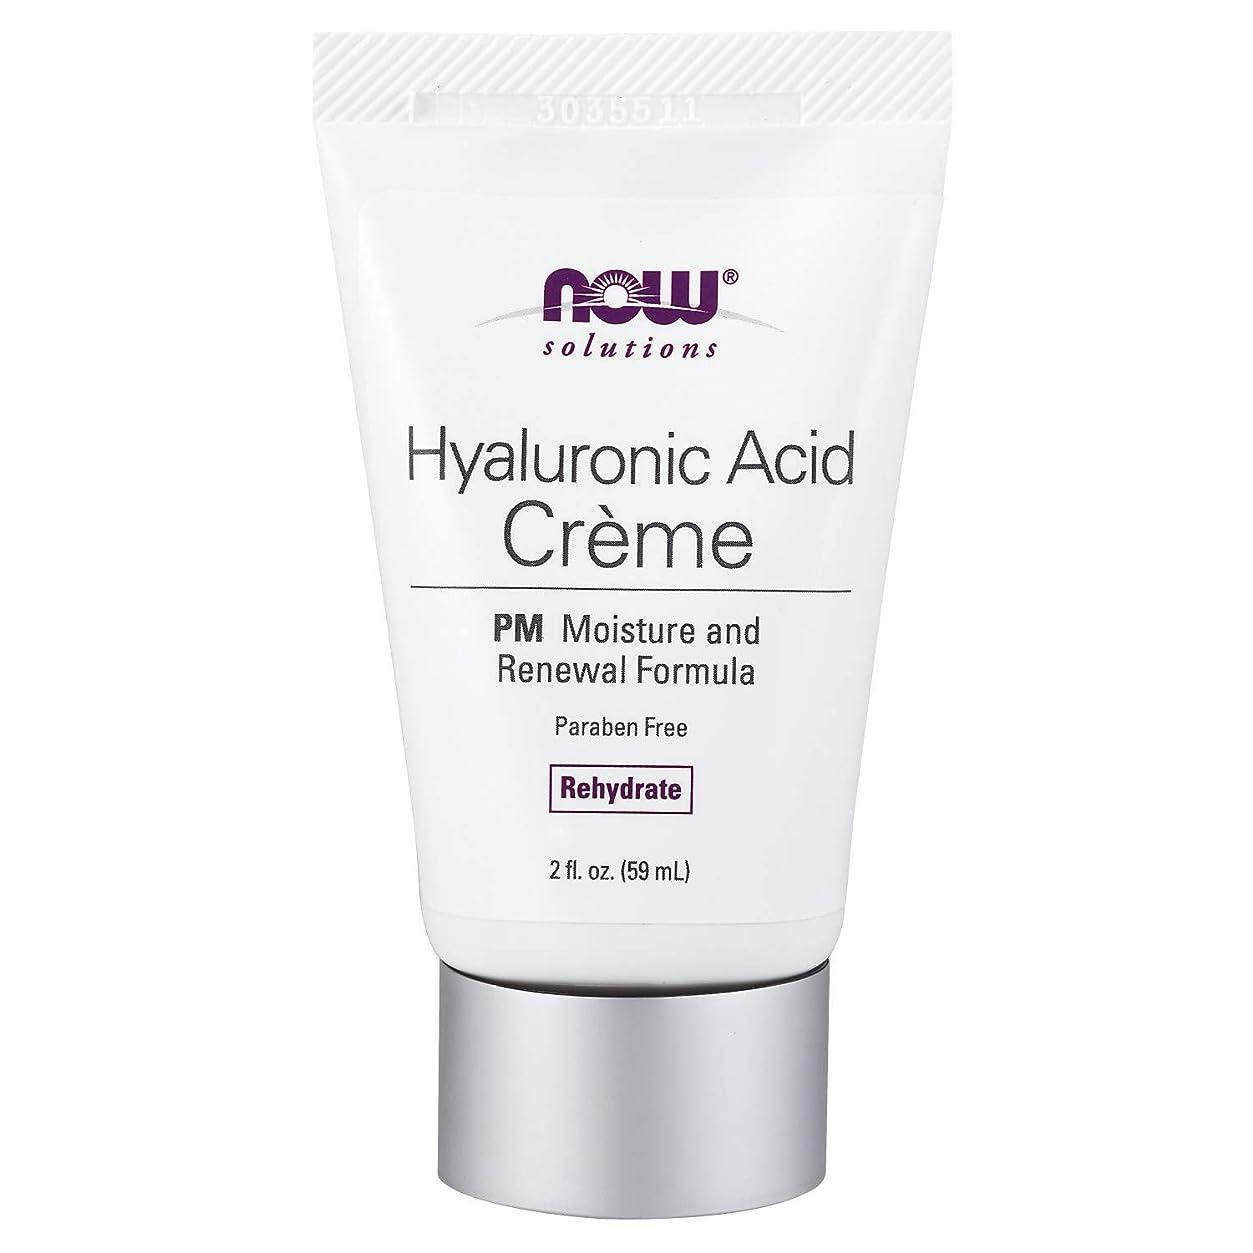 エピソード光沢アラブサラボ海外直送品 Now Foods Hyaluronic Acid Creme, 2 oz tube